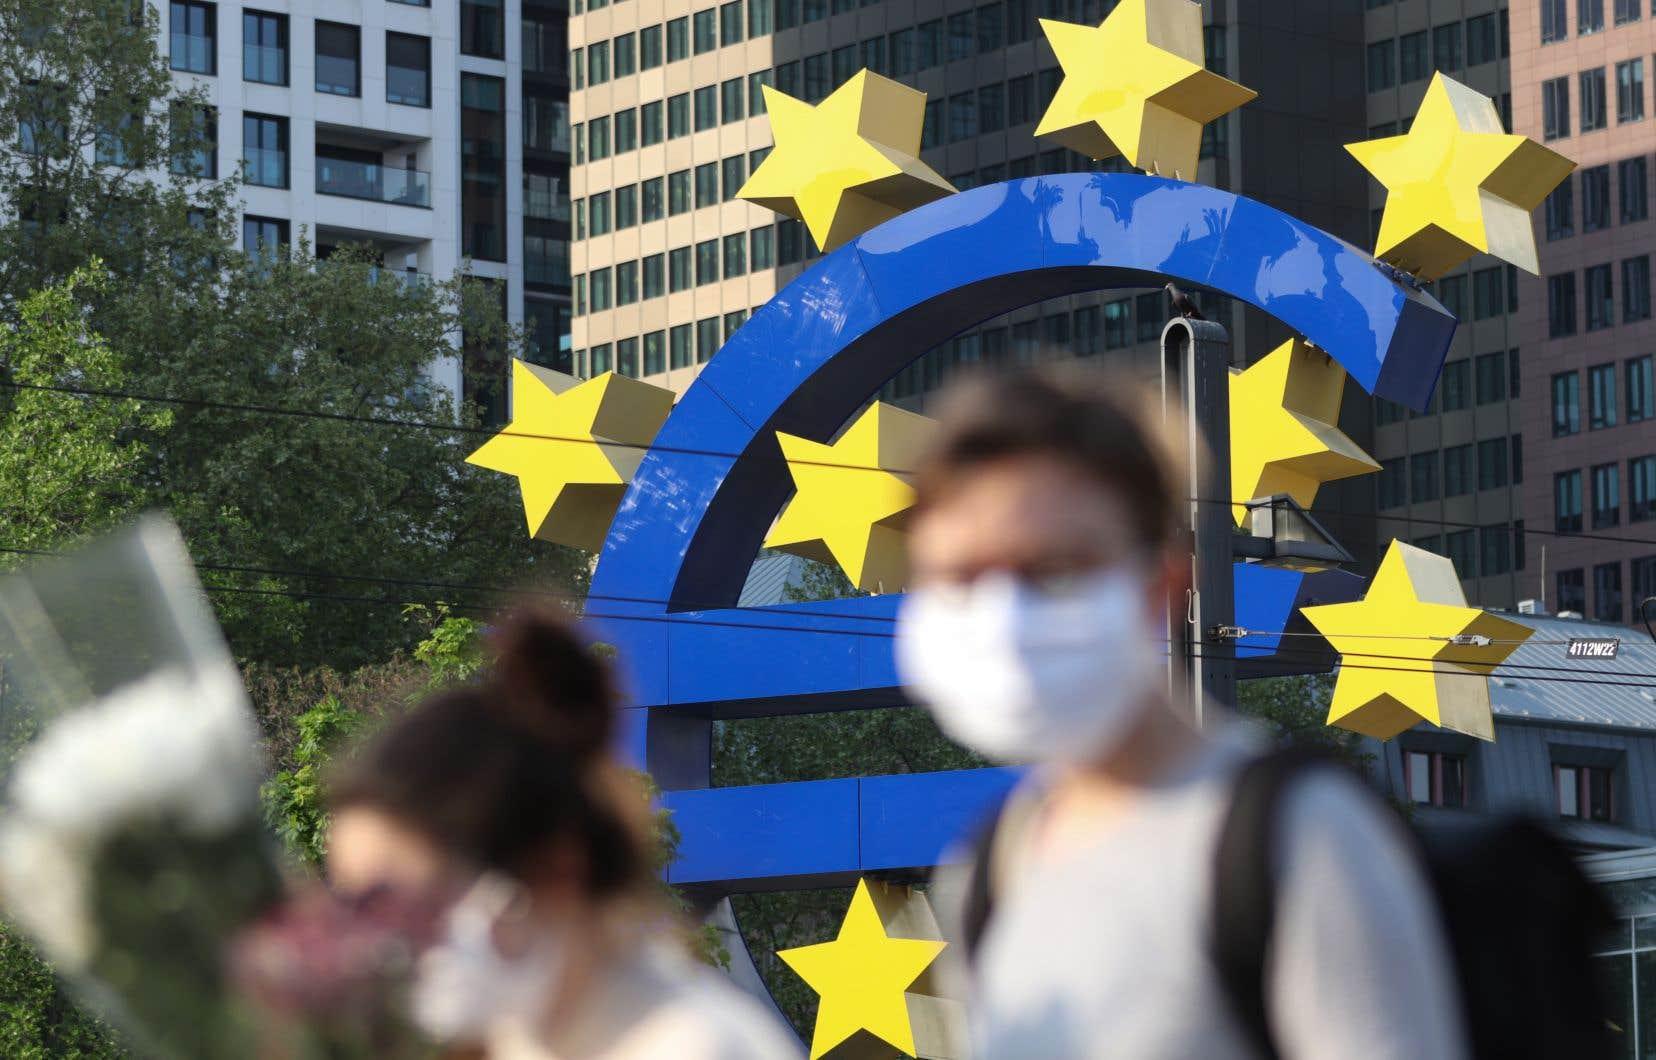 Trois pays — l'Italie, l'Espagne et la France — sont particulièrement touchés par cette récession, avec un PIB en recul de plus de 10% en 2020.